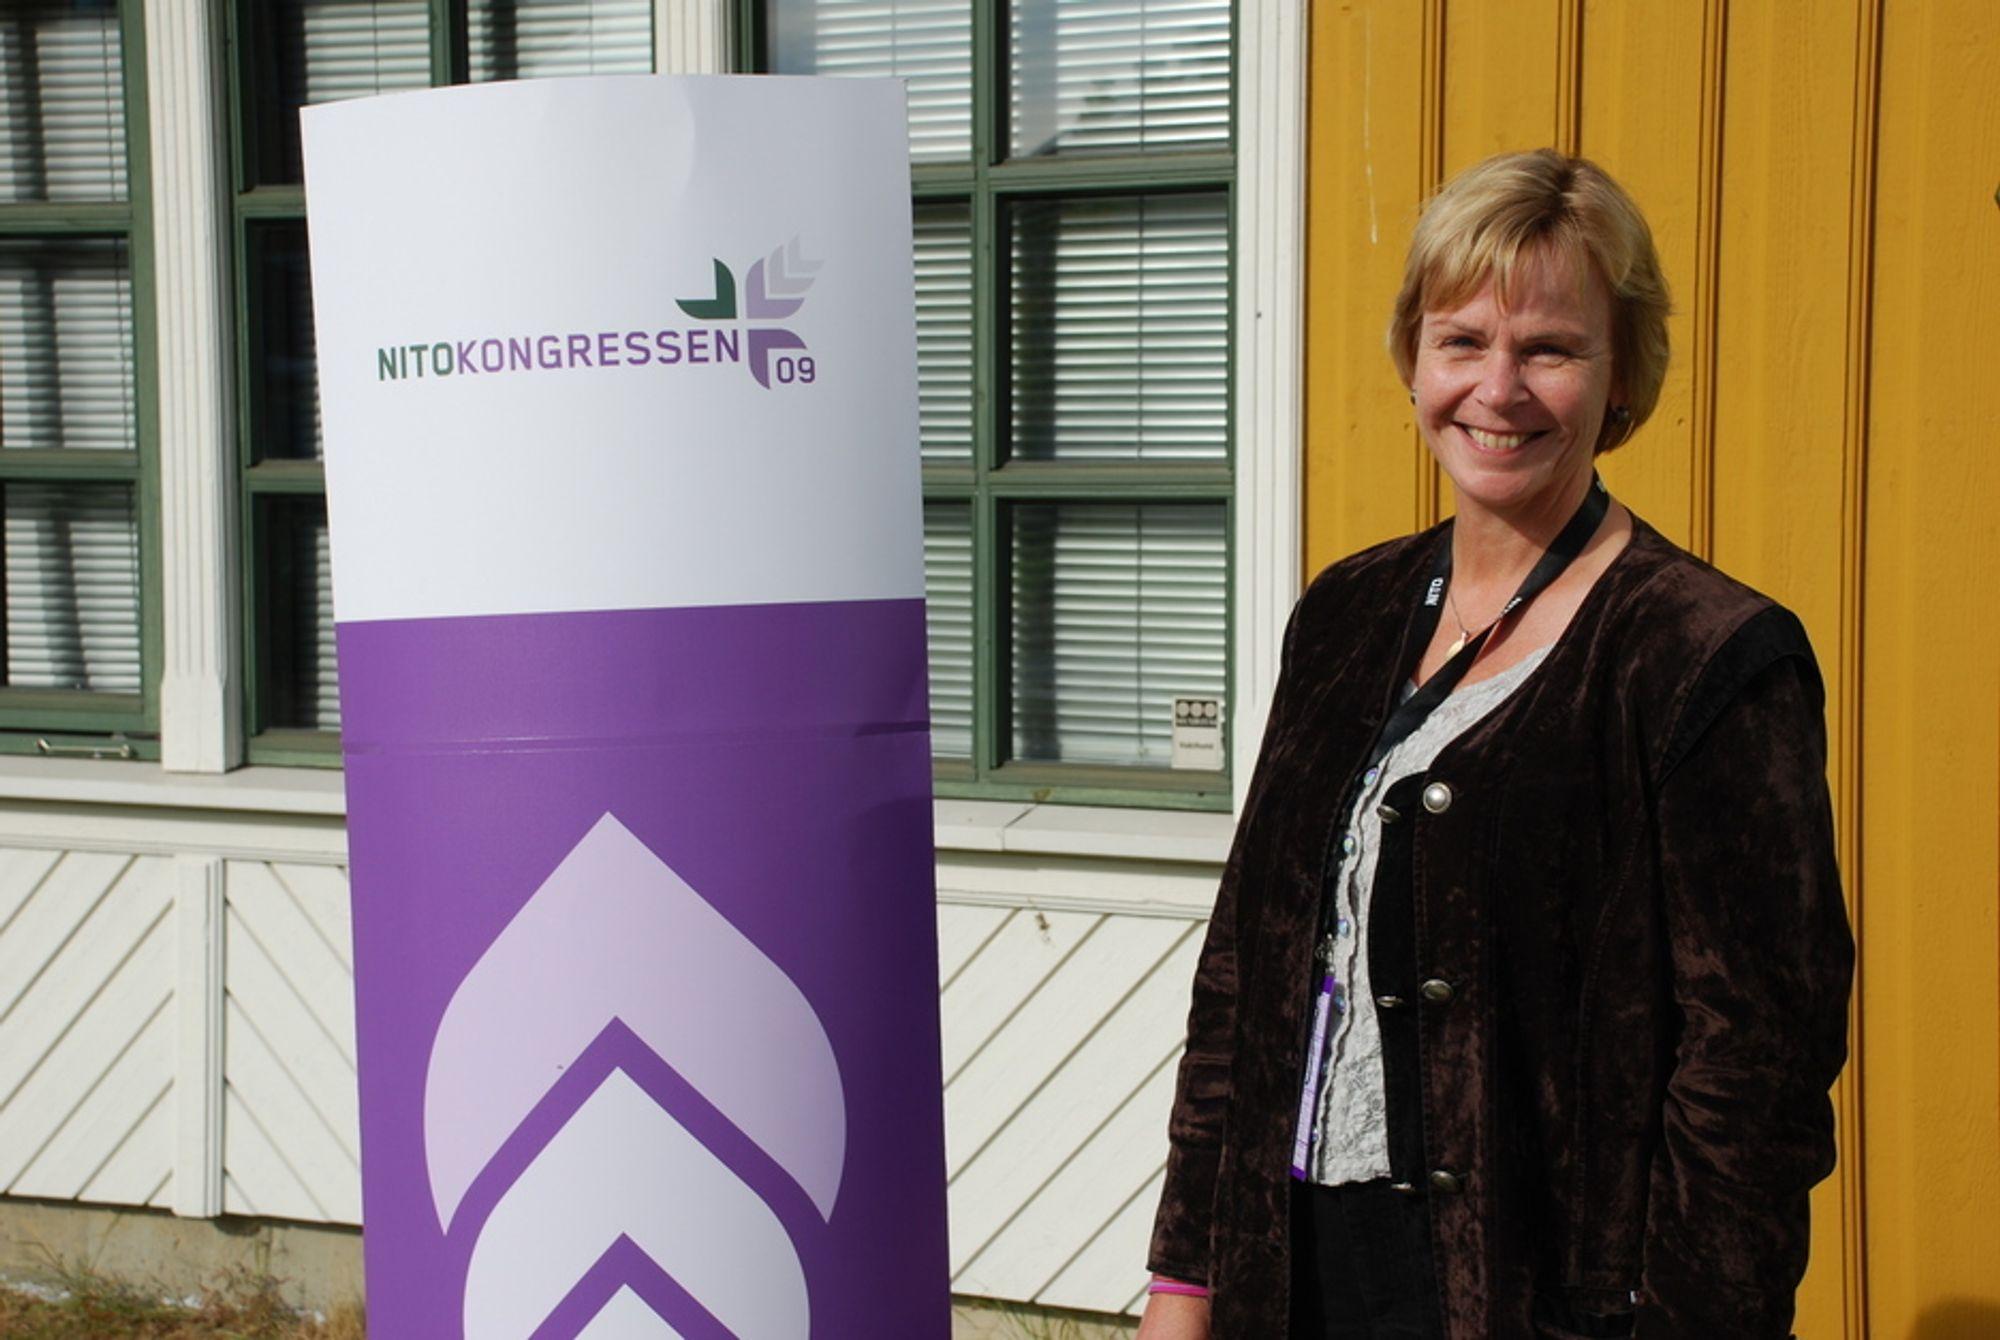 Marit Stykket ble gjenalgt som president for NITO på årets NITO-kongress.